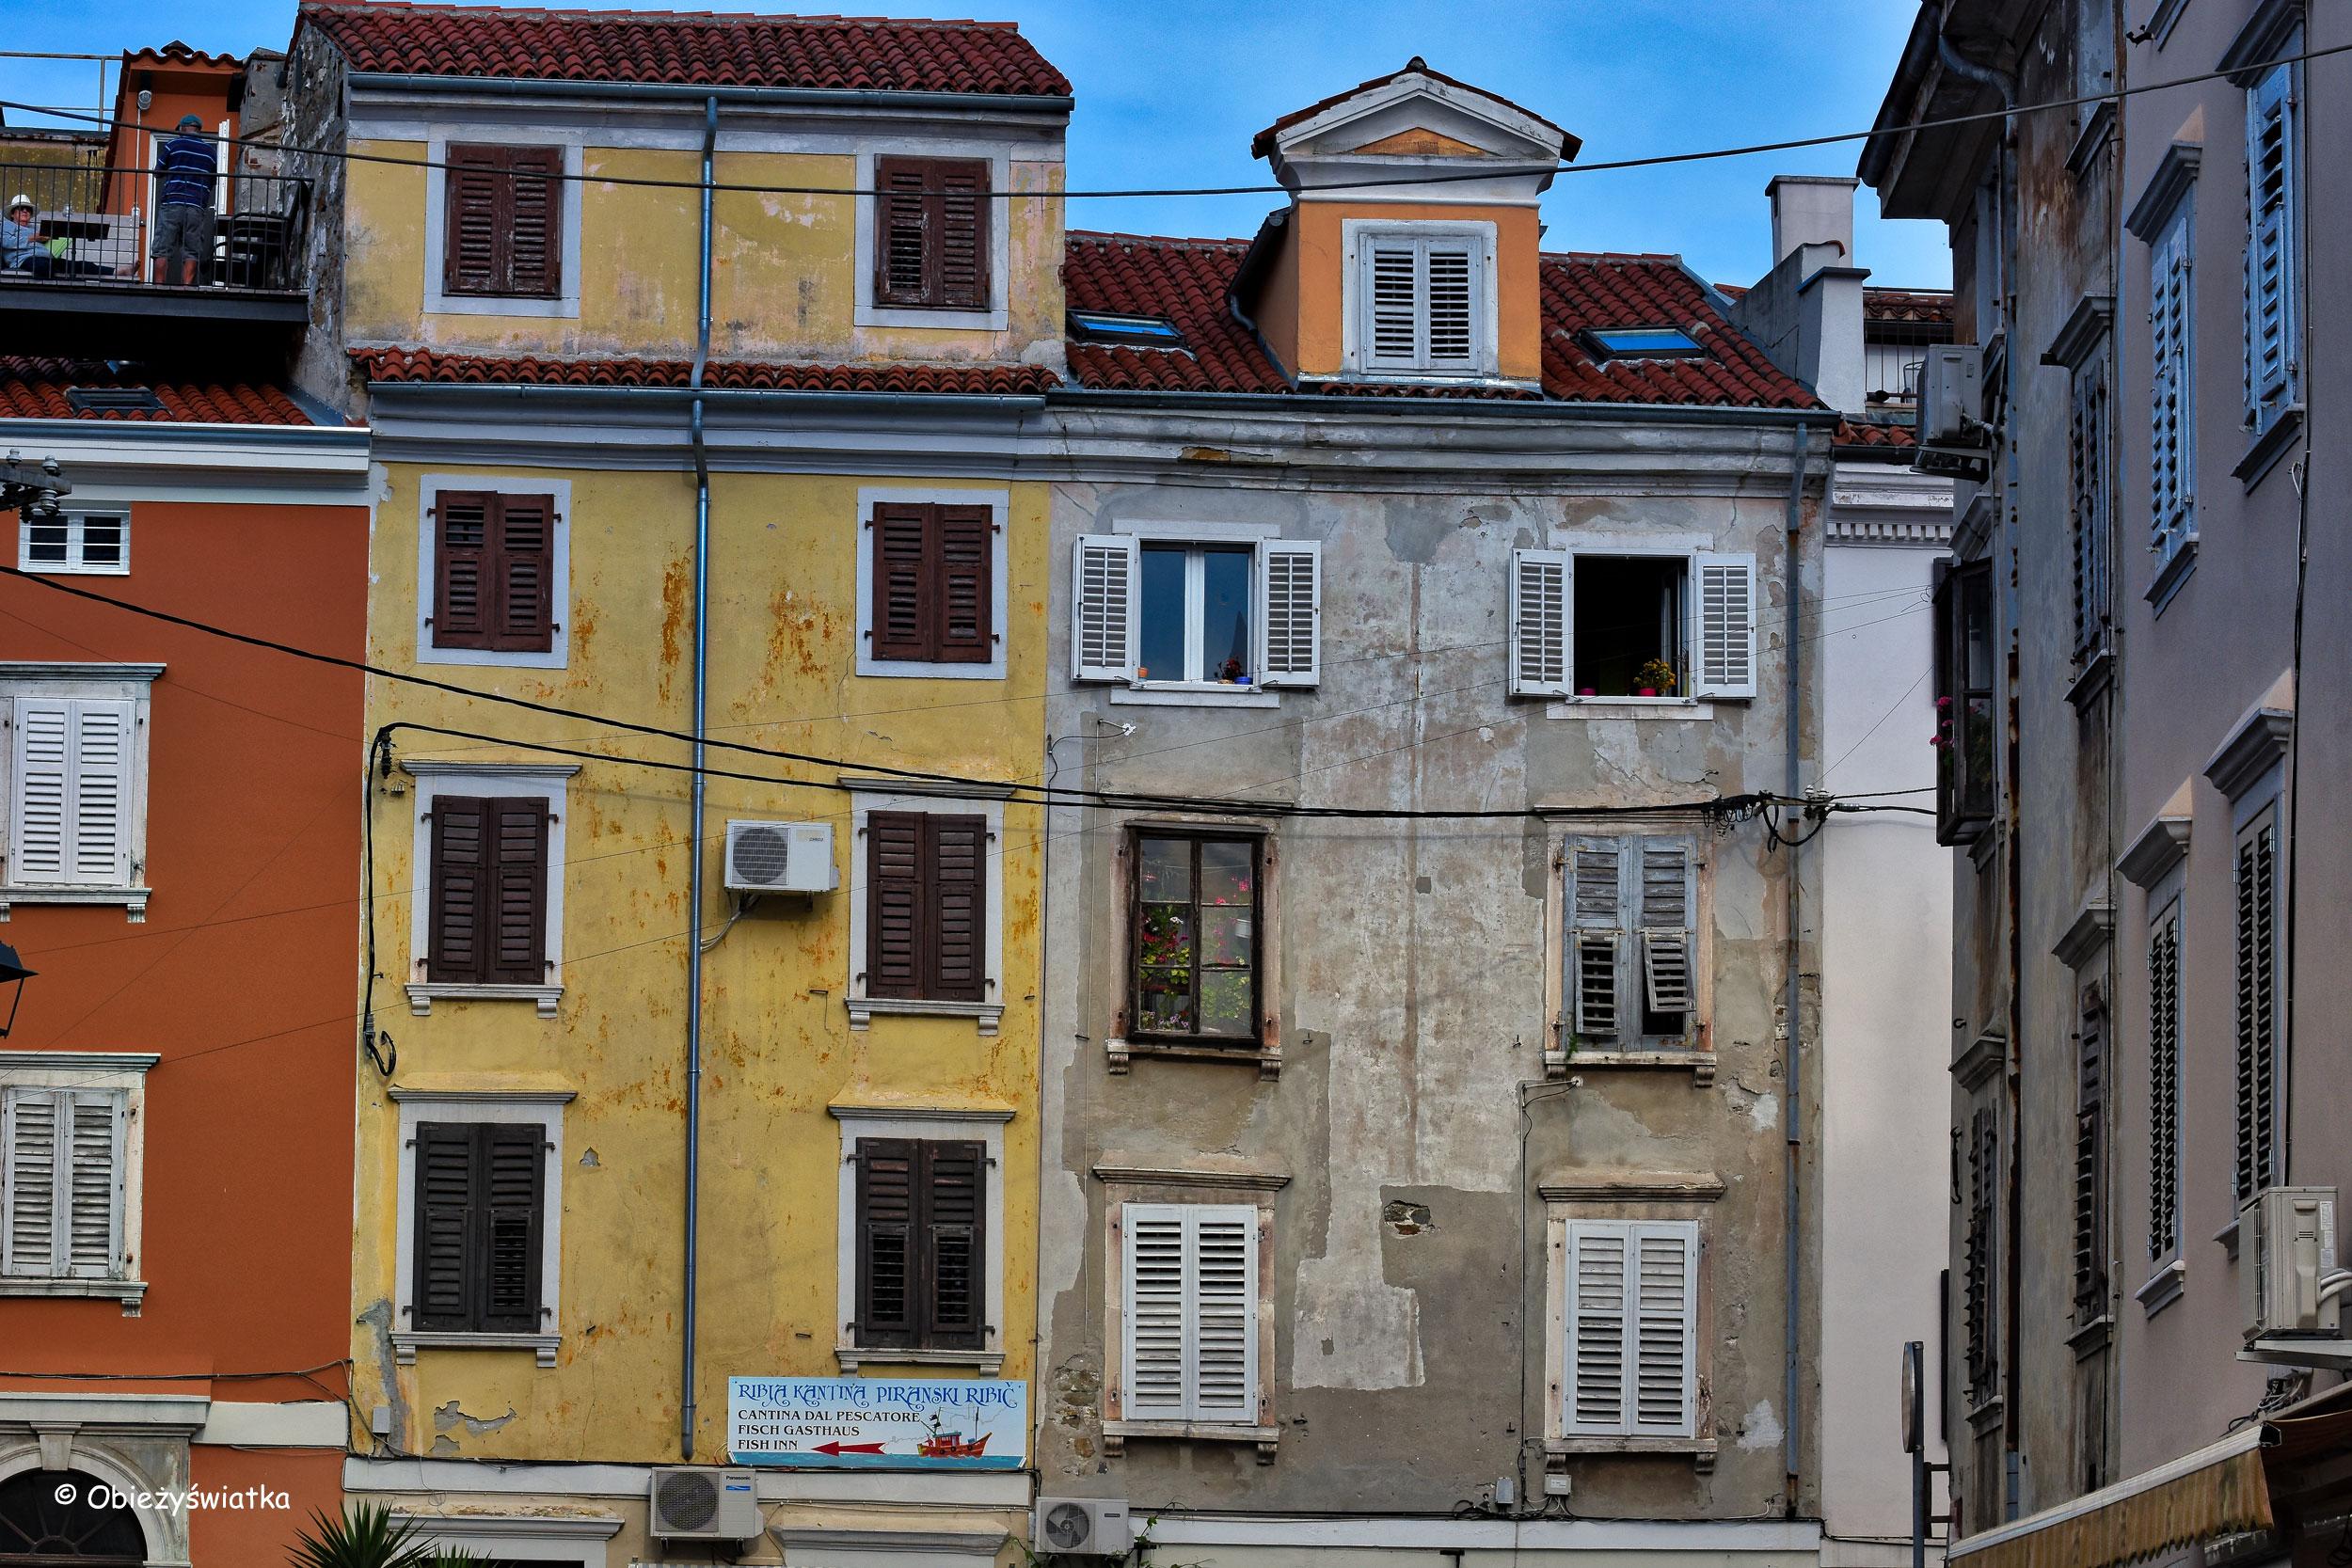 Kolorowe kamienice w Piranie